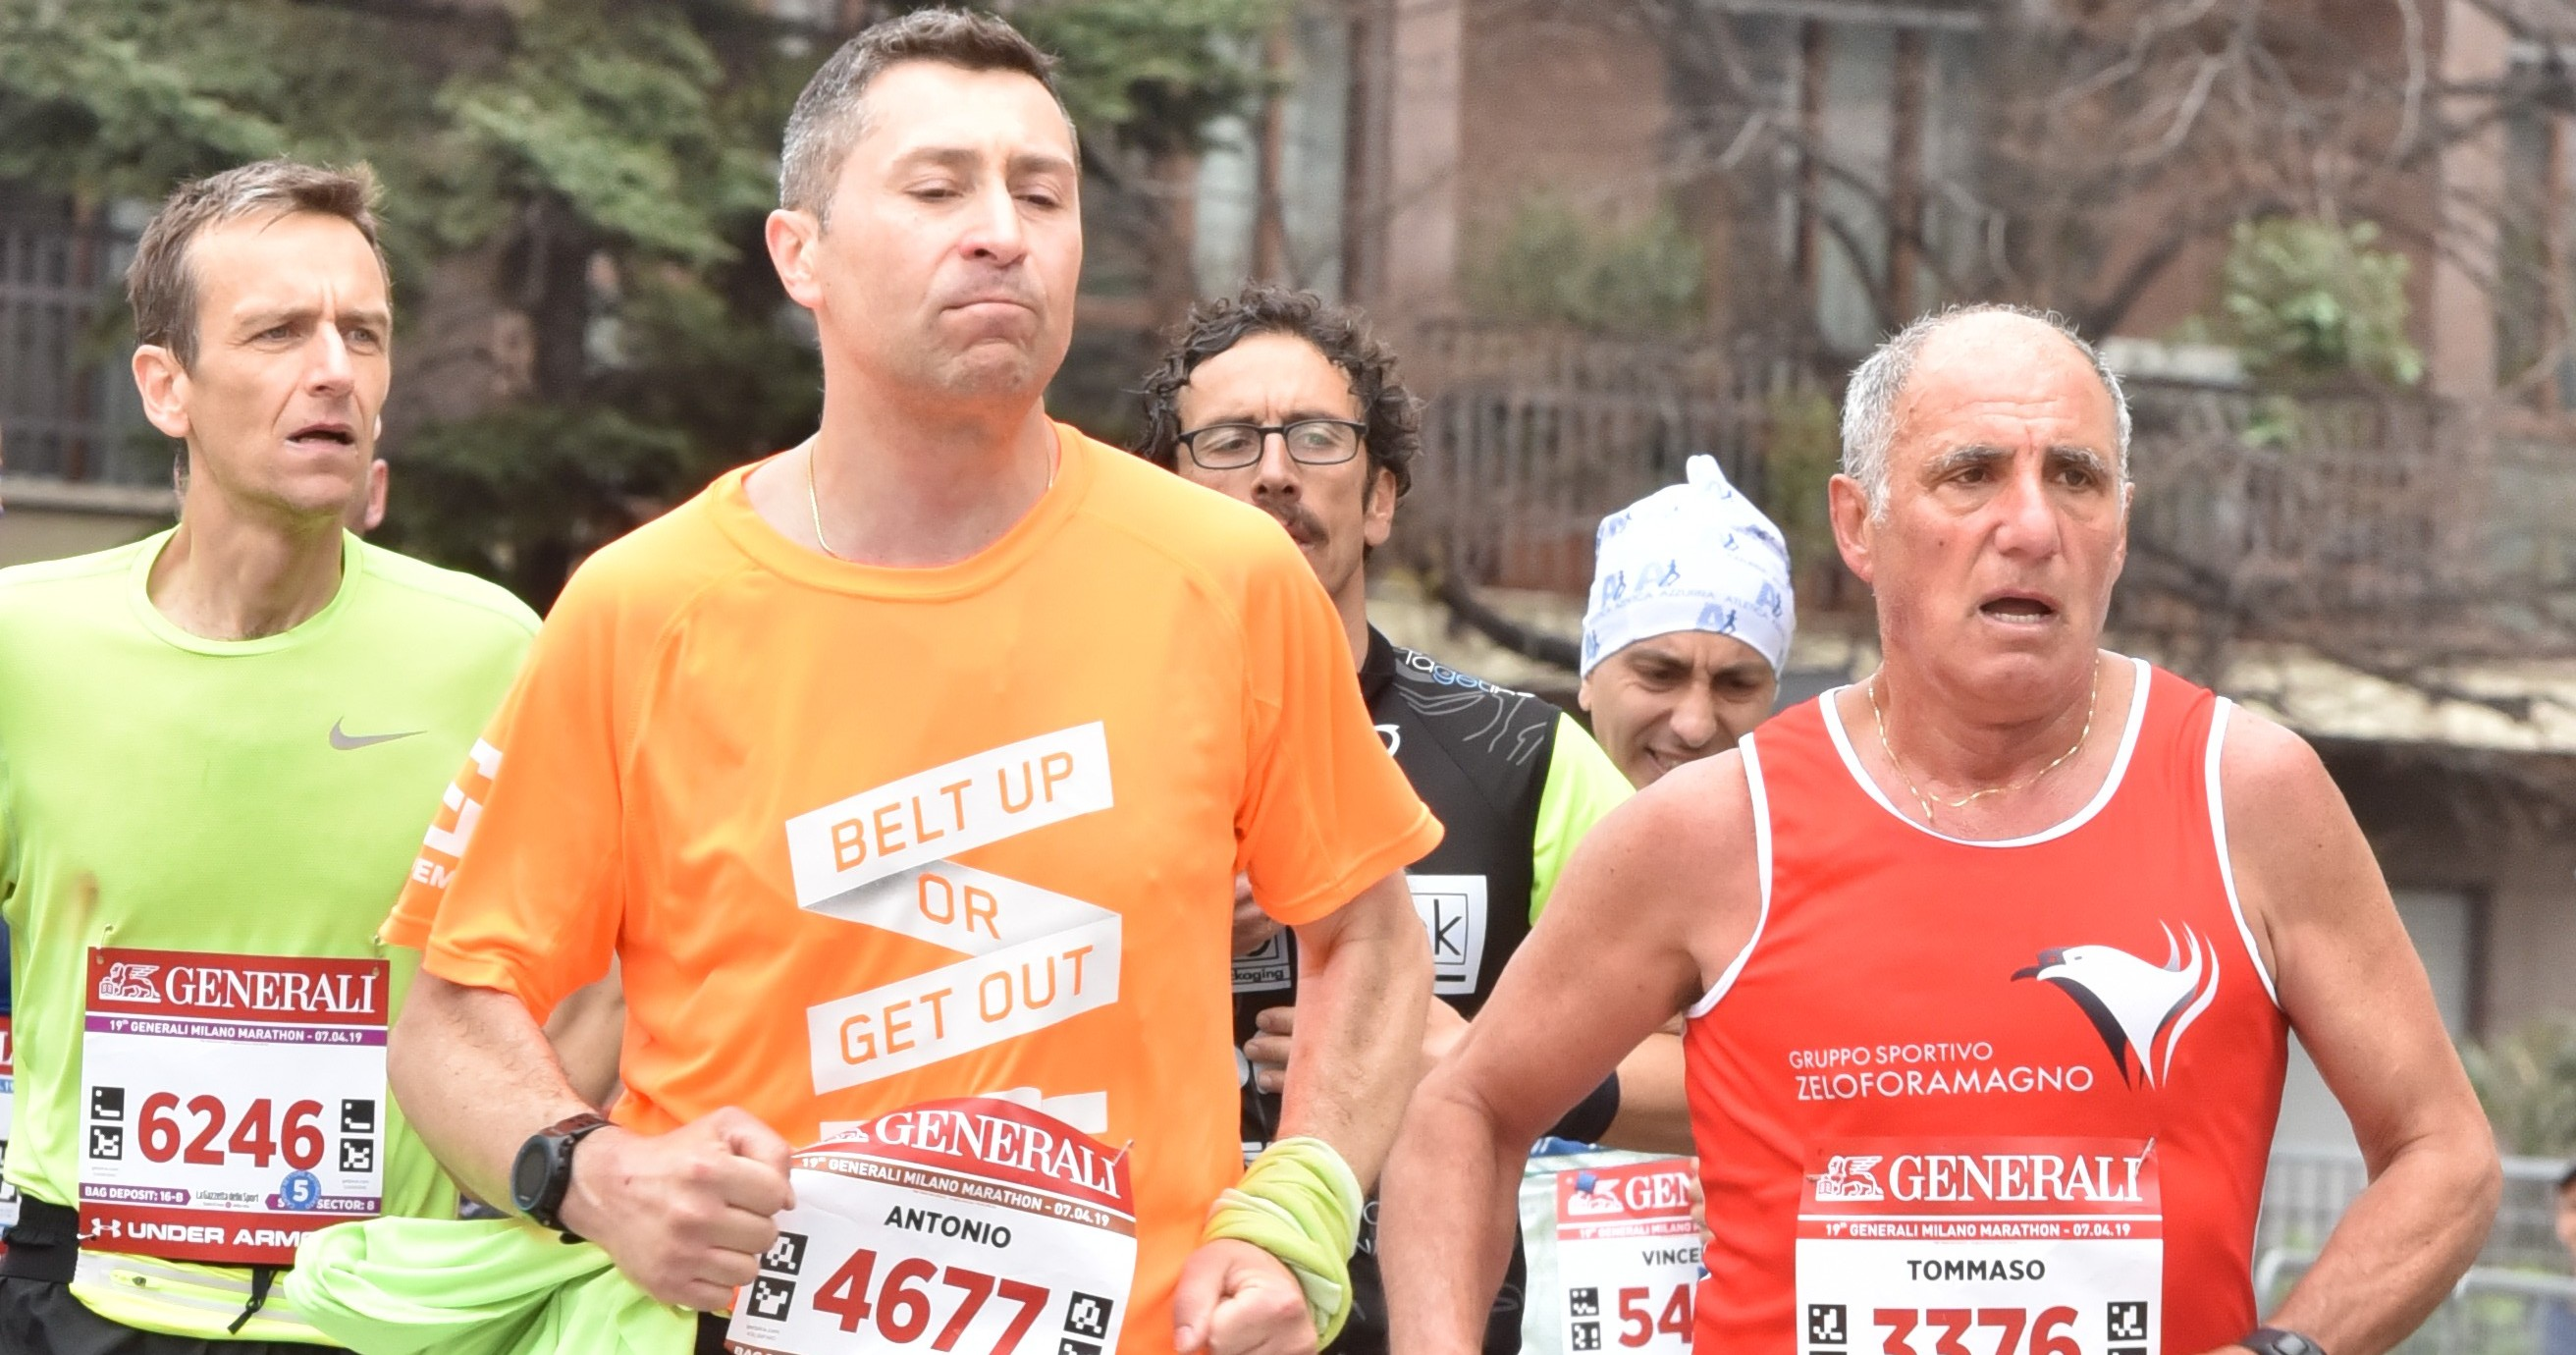 Antonio&Friends pro LILT Marathon'19-Antonio Pagano